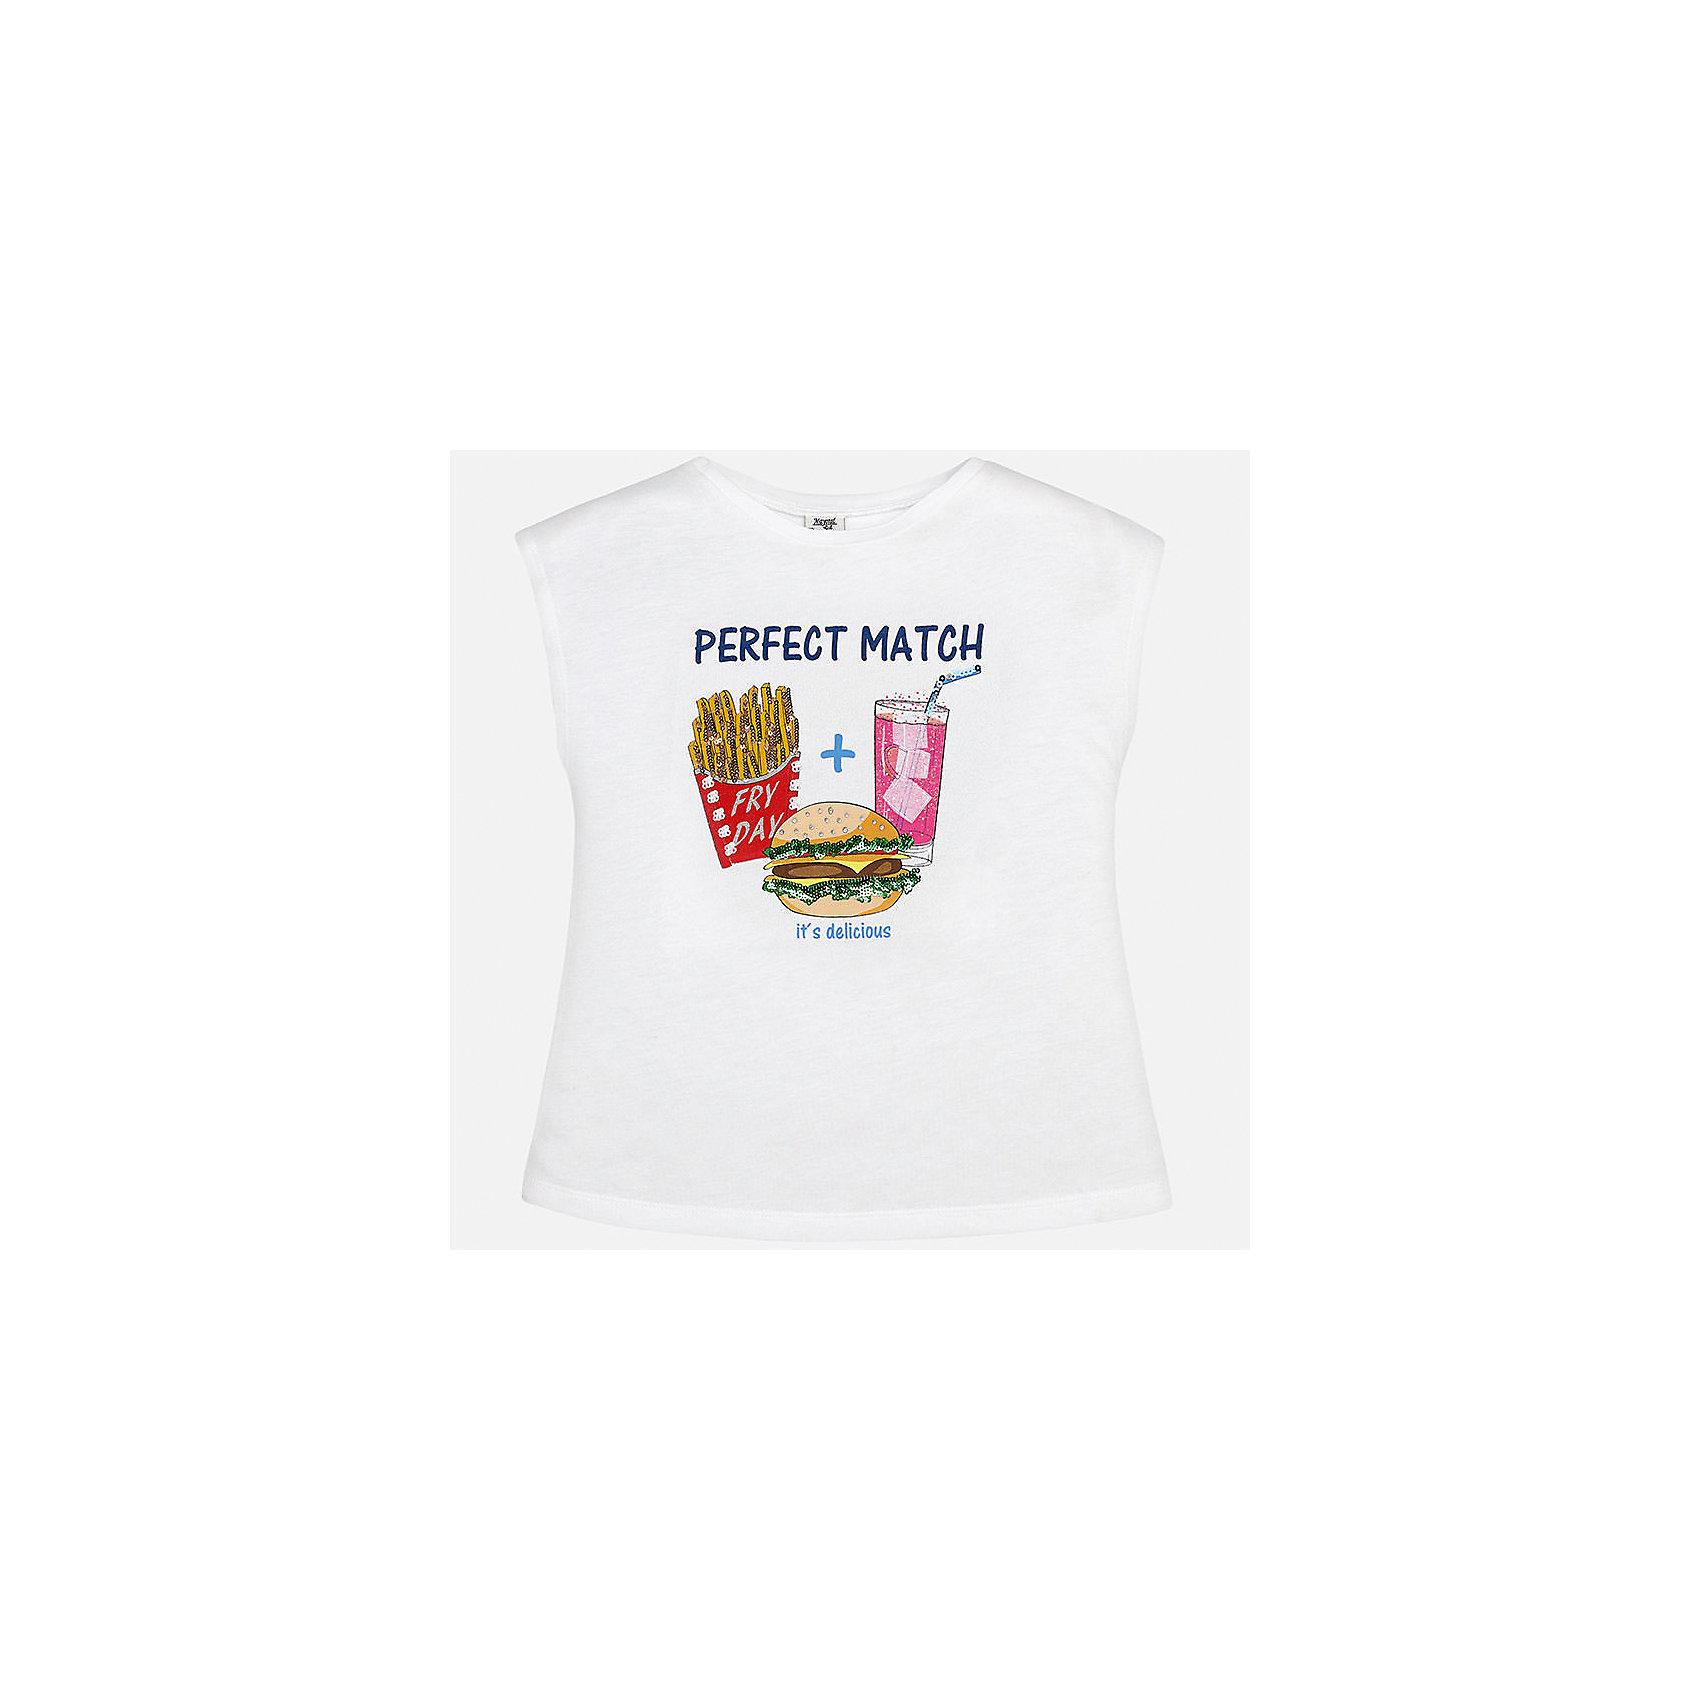 Футболка для девочки MayoralФутболки, поло и топы<br>Характеристики товара:<br><br>• цвет: белый<br>• состав: 50% хлопок, 50% модал<br>• спинка присборена<br>• декорирована принтом<br>• без рукавов<br>• страна бренда: Испания<br><br>Стильная оригинальная футболка для девочки поможет разнообразить гардероб ребенка и украсить наряд. Она отлично сочетается и с юбками, и с шортами, и с брюками. Универсальный цвет позволяет подобрать к вещи низ практически любой расцветки. Интересная отделка модели делает её нарядной и оригинальной. В составе материала - натуральный хлопок, гипоаллергенный, приятный на ощупь, дышащий.<br><br>Одежда, обувь и аксессуары от испанского бренда Mayoral полюбились детям и взрослым по всему миру. Модели этой марки - стильные и удобные. Для их производства используются только безопасные, качественные материалы и фурнитура. Порадуйте ребенка модными и красивыми вещами от Mayoral! <br><br>Футболку для девочки от испанского бренда Mayoral (Майорал) можно купить в нашем интернет-магазине.<br><br>Ширина мм: 199<br>Глубина мм: 10<br>Высота мм: 161<br>Вес г: 151<br>Цвет: белый<br>Возраст от месяцев: 168<br>Возраст до месяцев: 180<br>Пол: Женский<br>Возраст: Детский<br>Размер: 170,128/134,140,152,158,164<br>SKU: 5300779